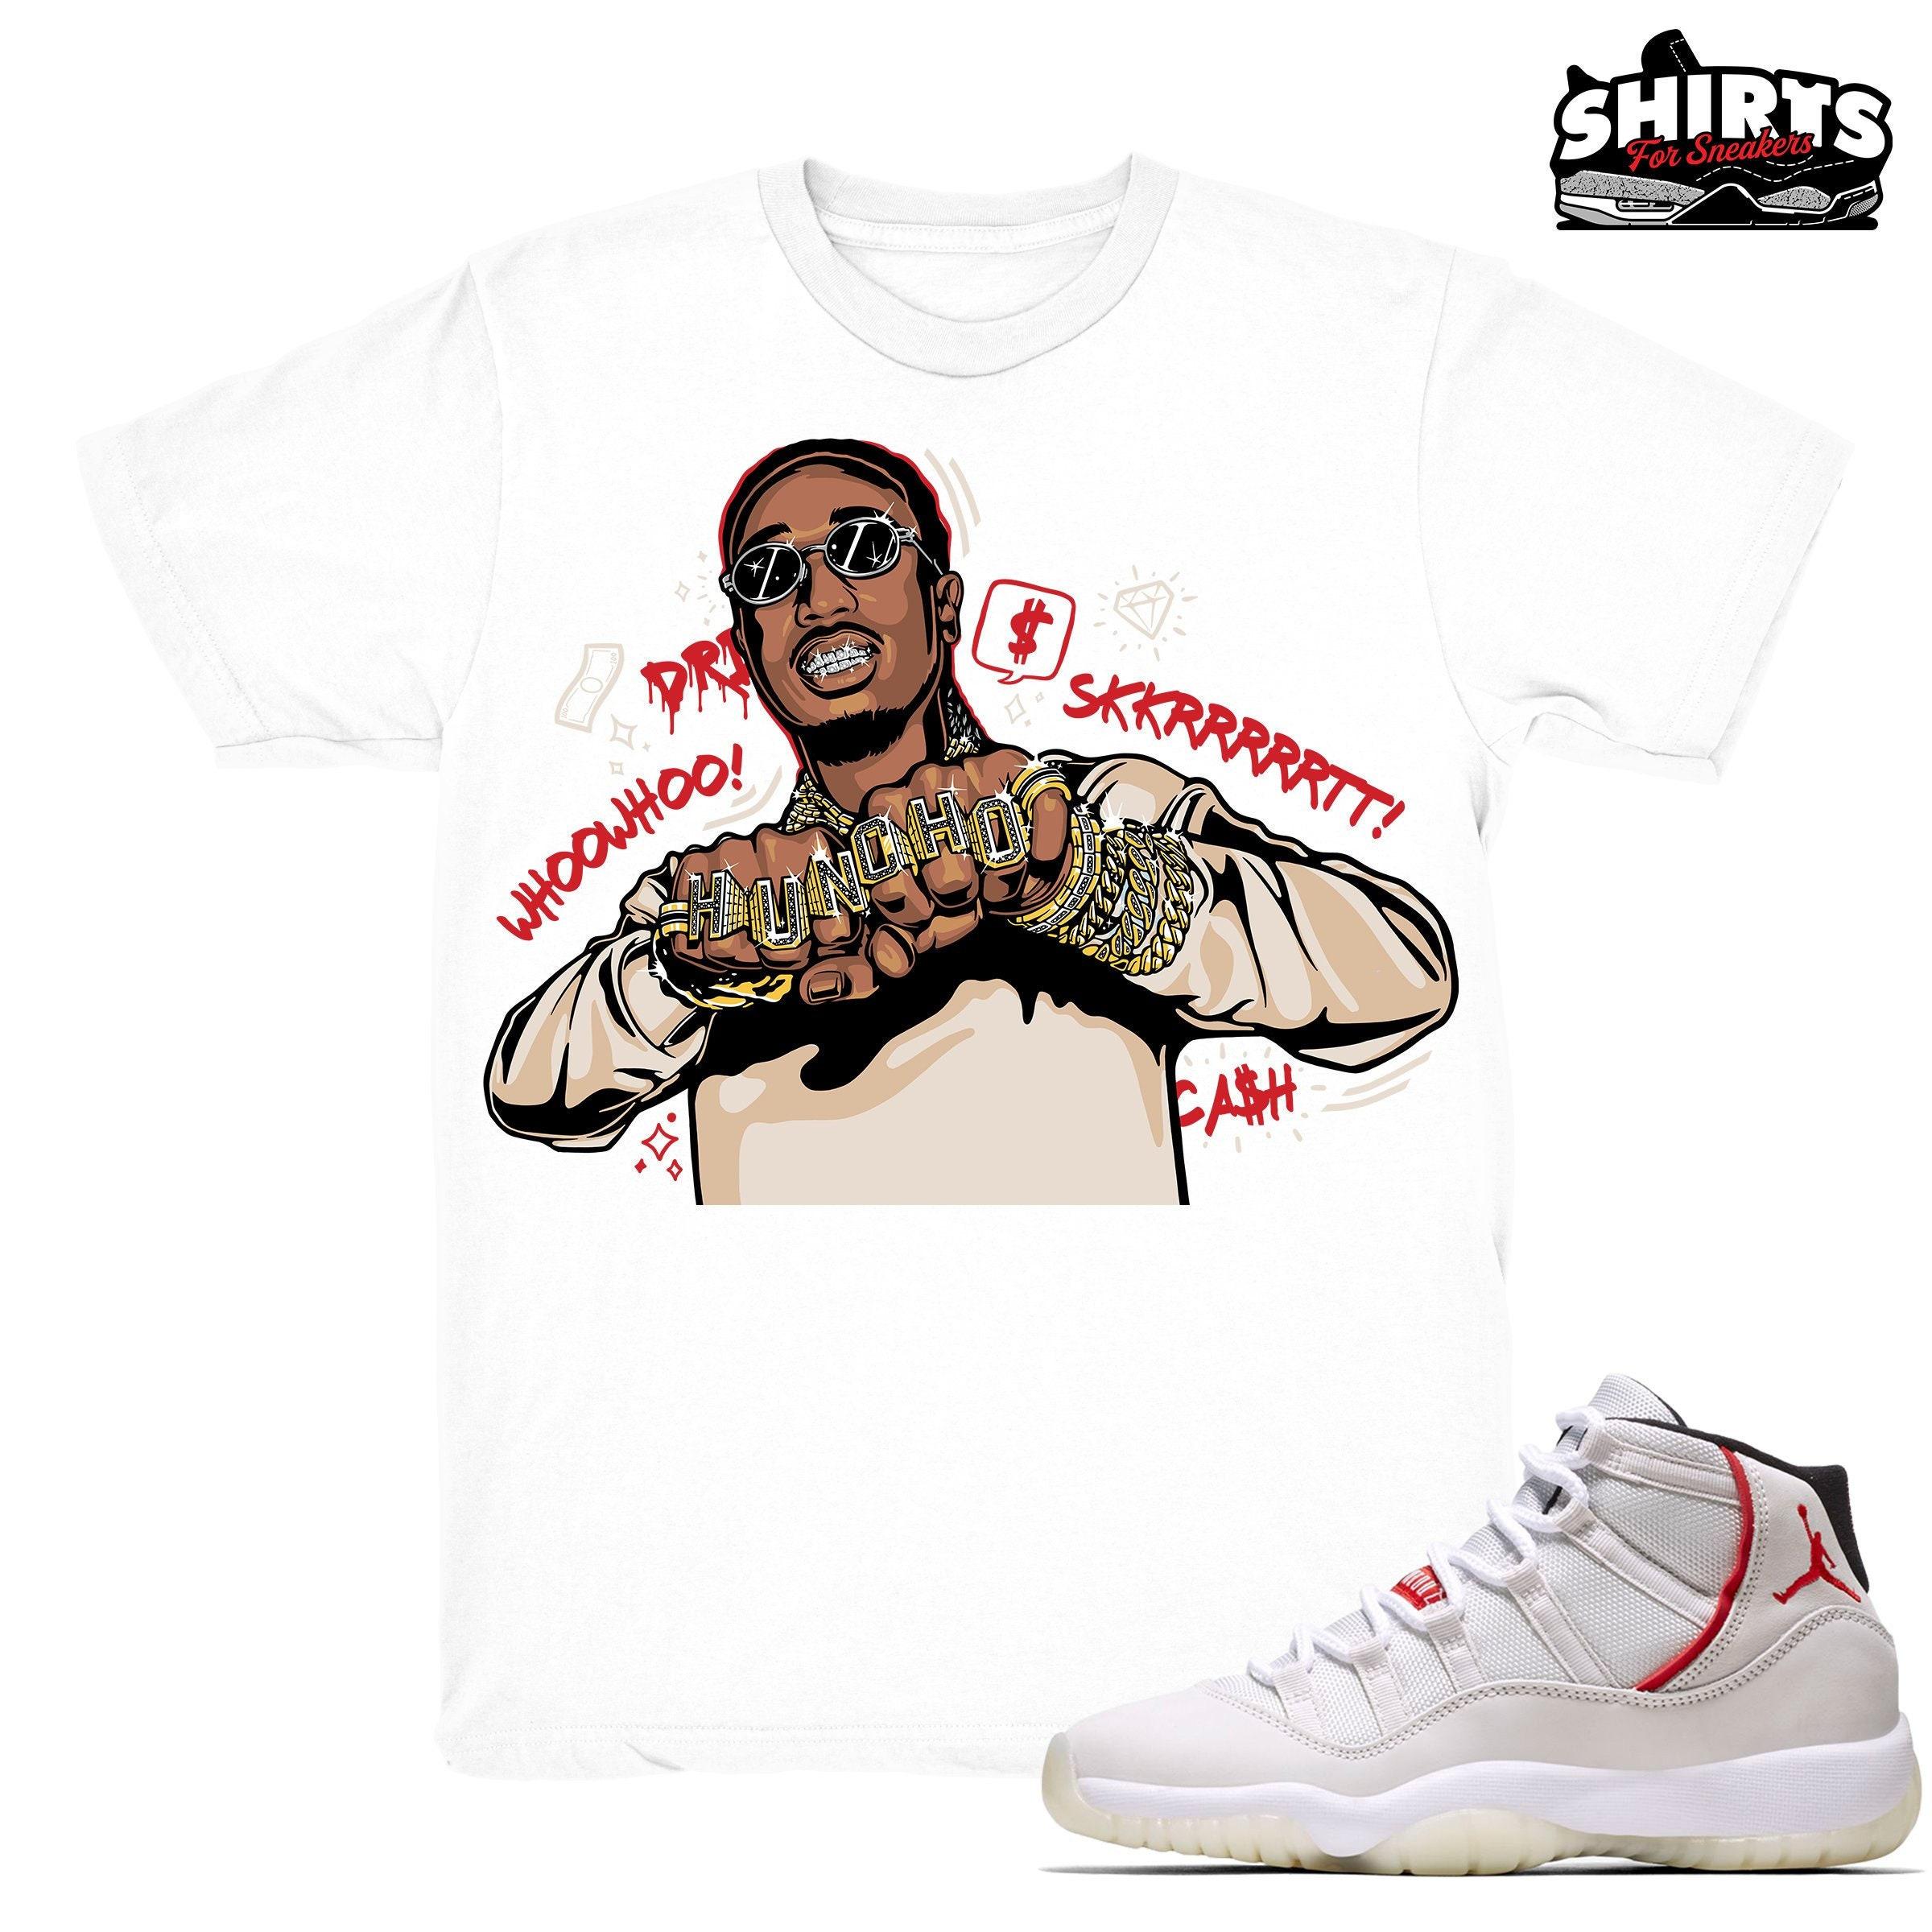 1646fdaec5616a Air Jordan 11 Platinum Tint shirt Huncho Rings Retro 11